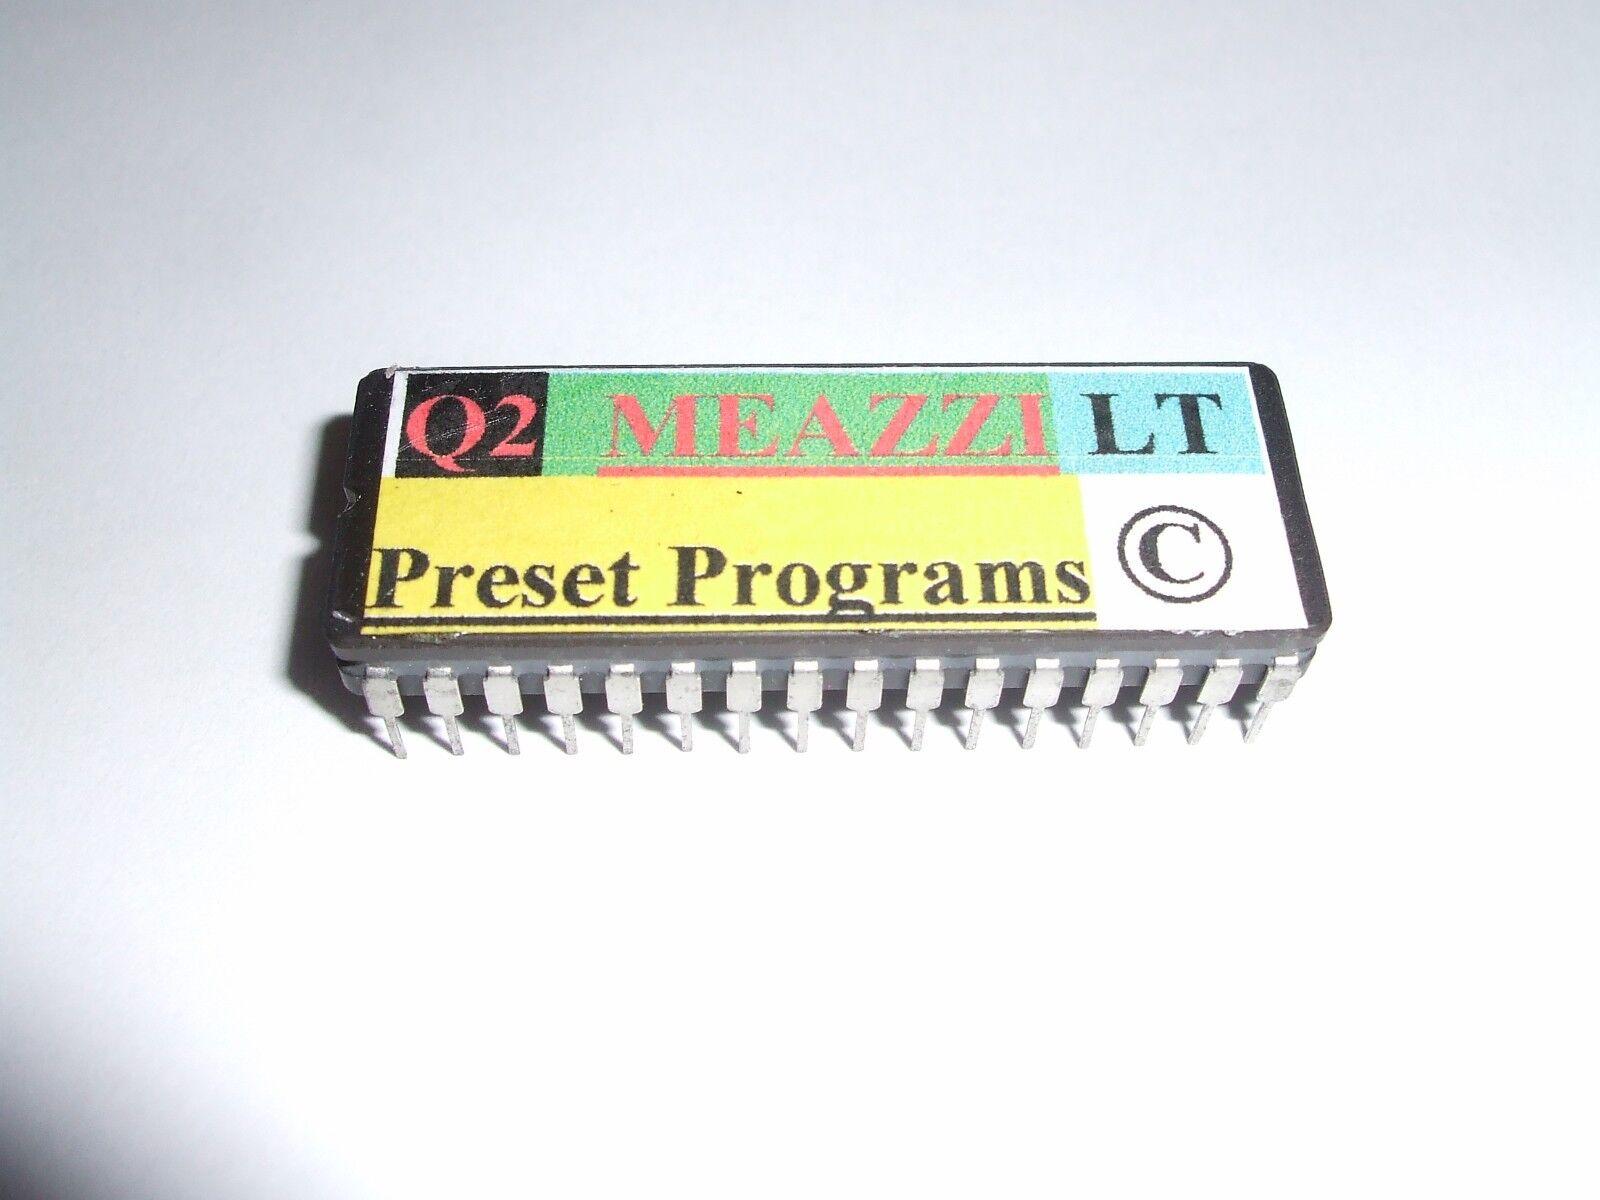 Alesis Quadraverb 2-MEAZZI Presets EPROM - 100 Sombras LT LT LT ecos derechos de autor.  barato y de alta calidad